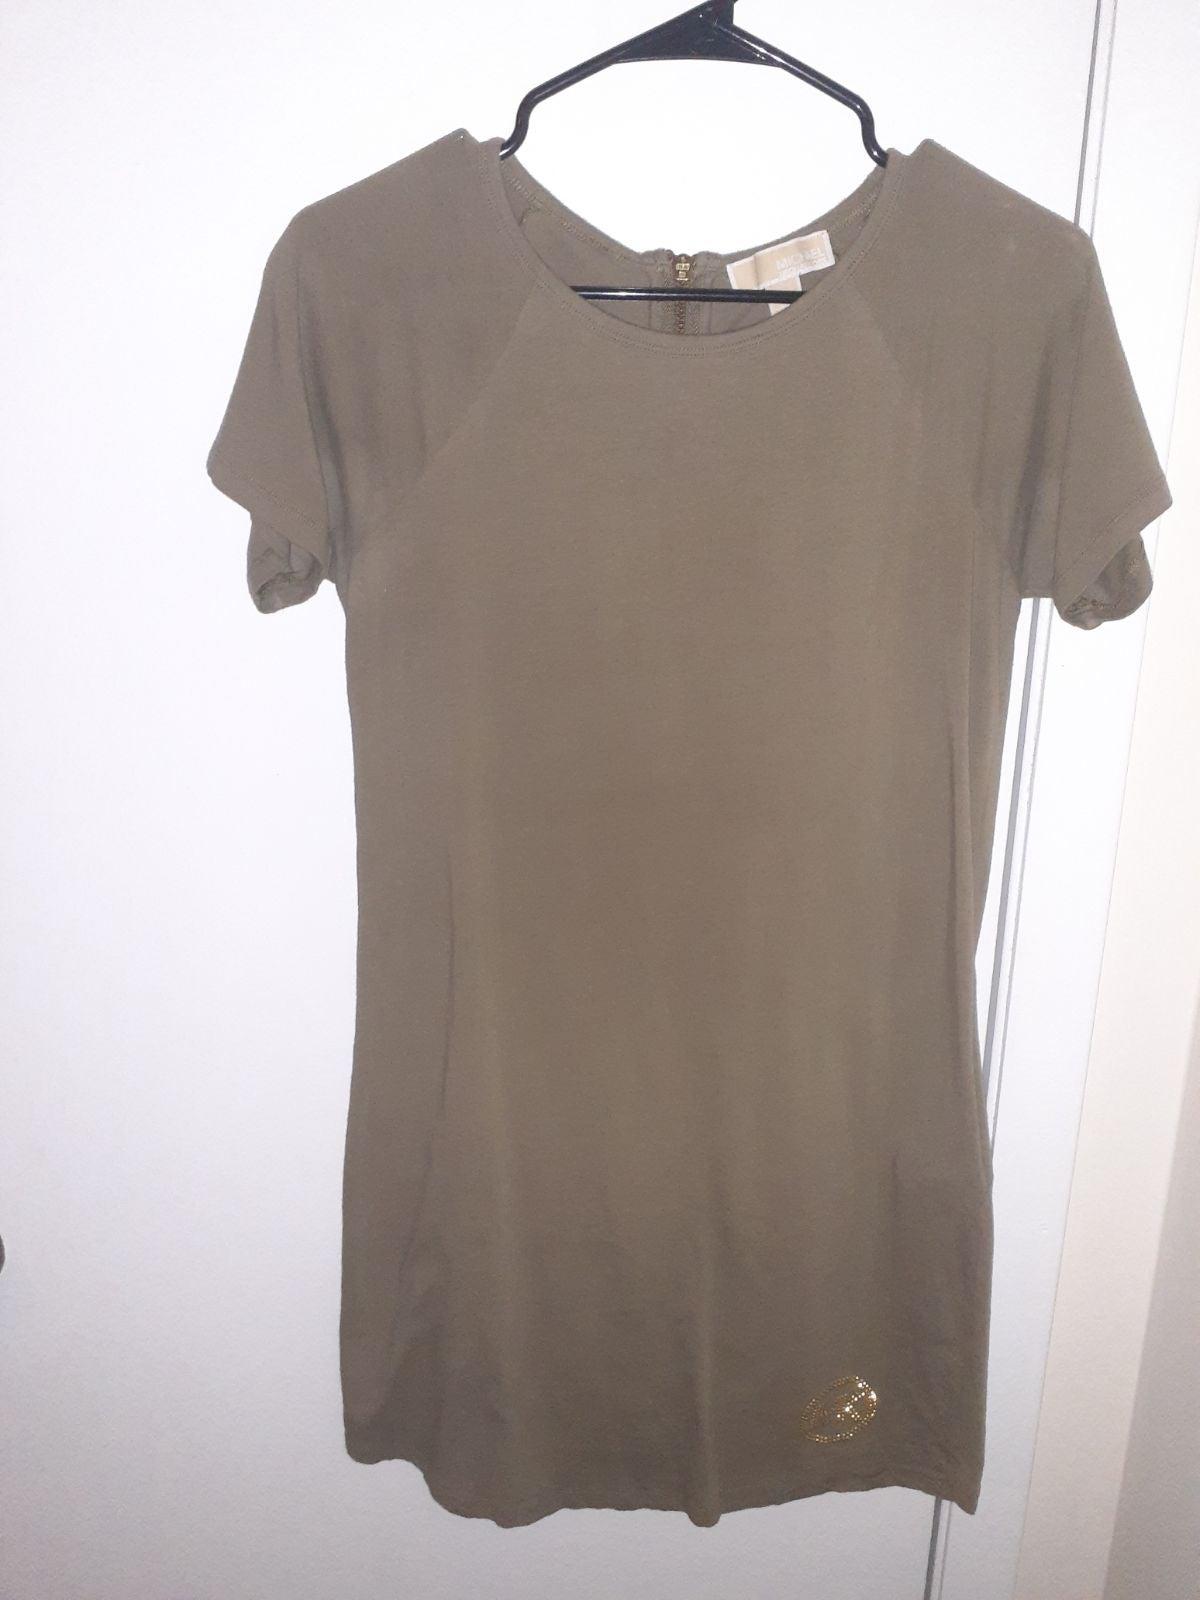 Michael Kors Tshirt Dress